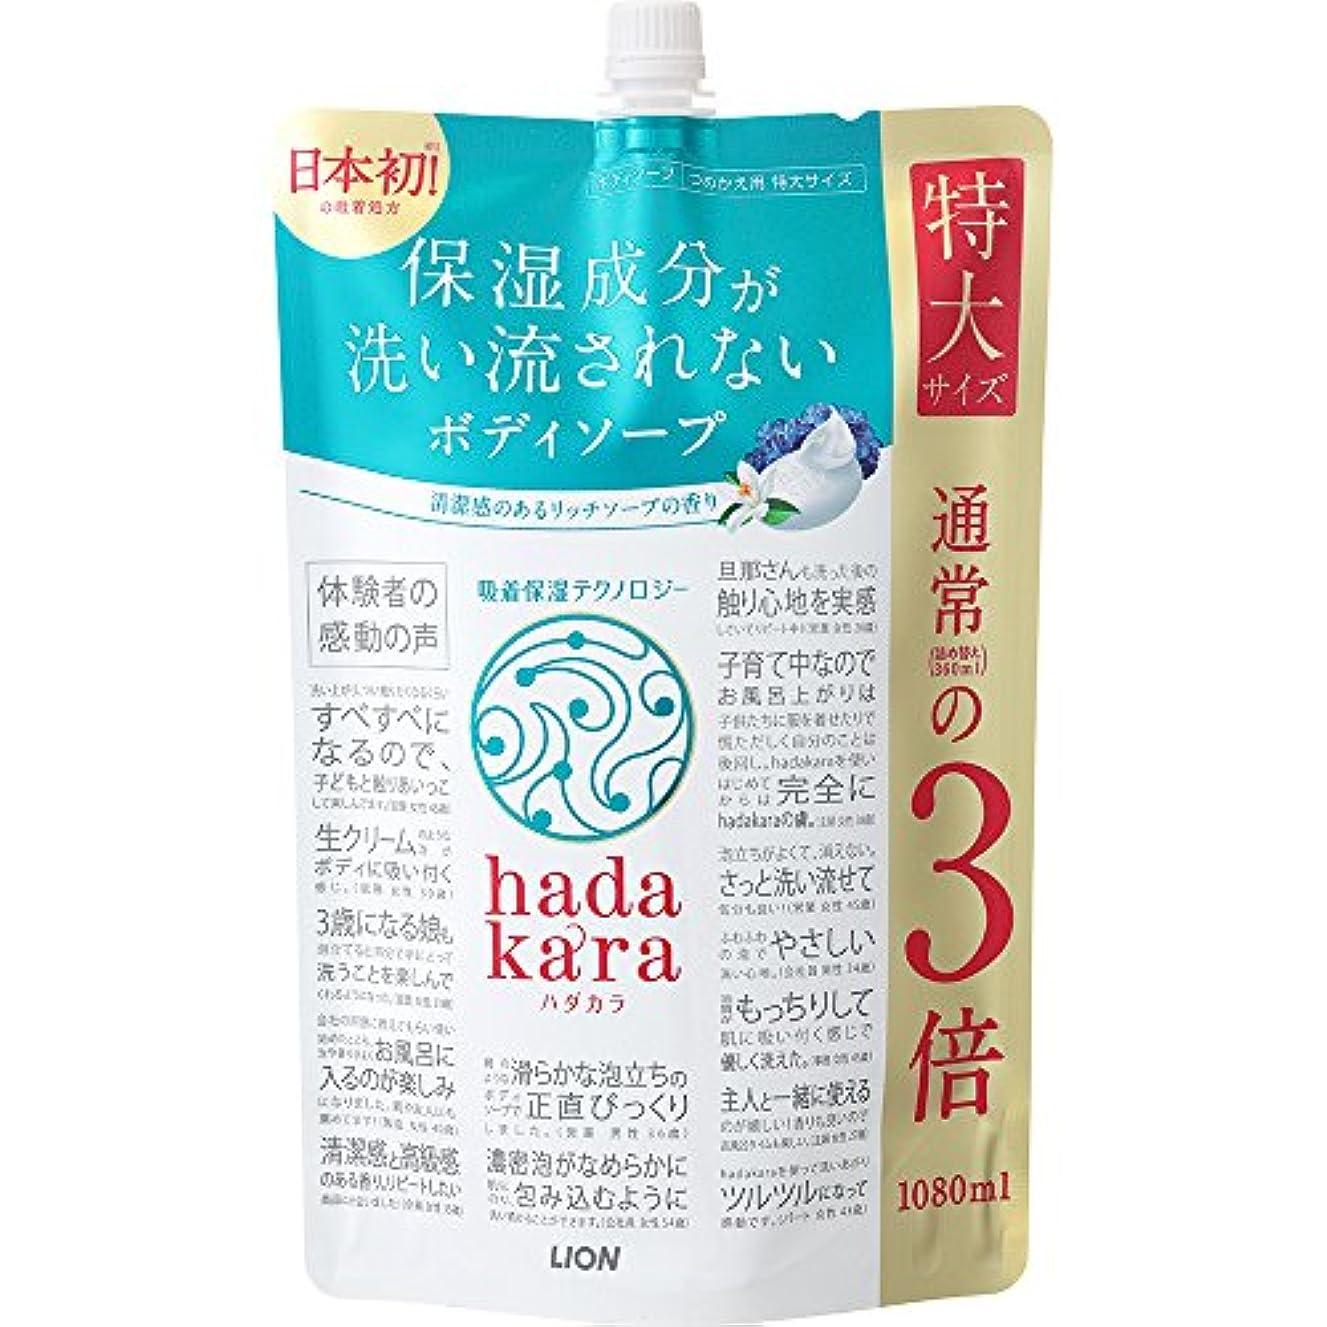 第九ベッドを作る正当な【大容量】hadakara(ハダカラ) ボディソープ リッチソープの香り 詰め替え 特大 1080ml